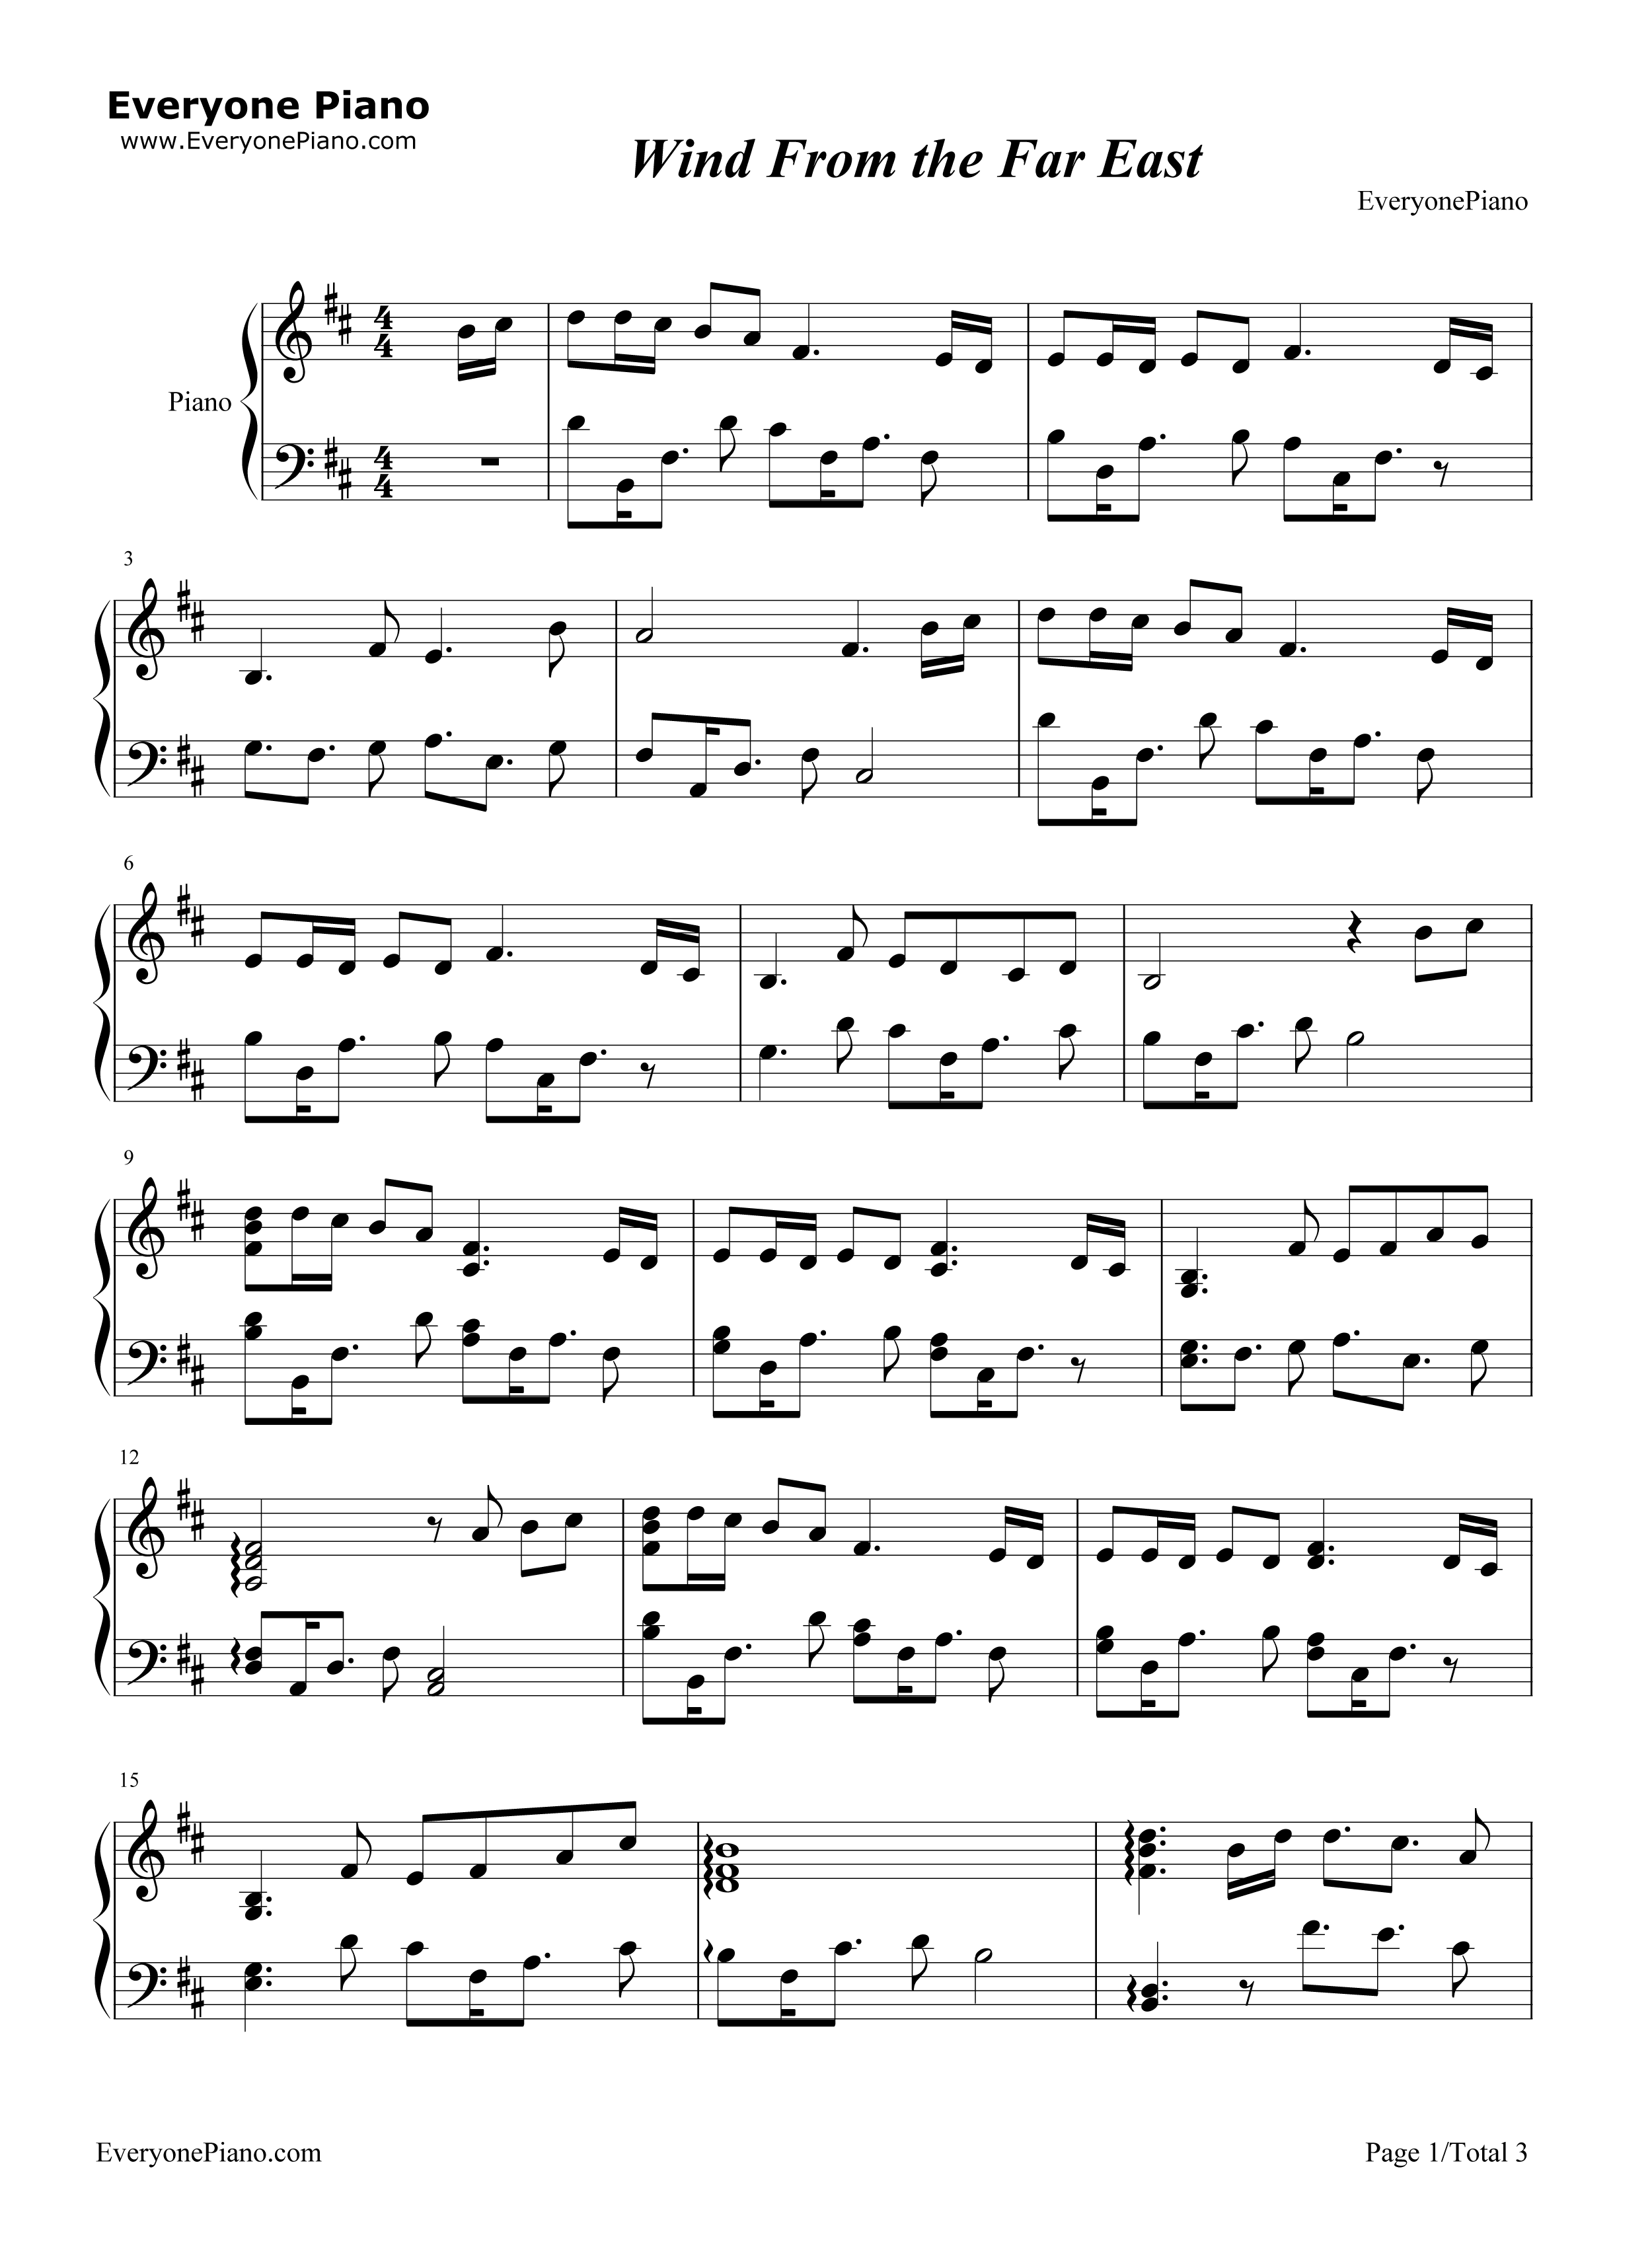 ラテール 楽譜